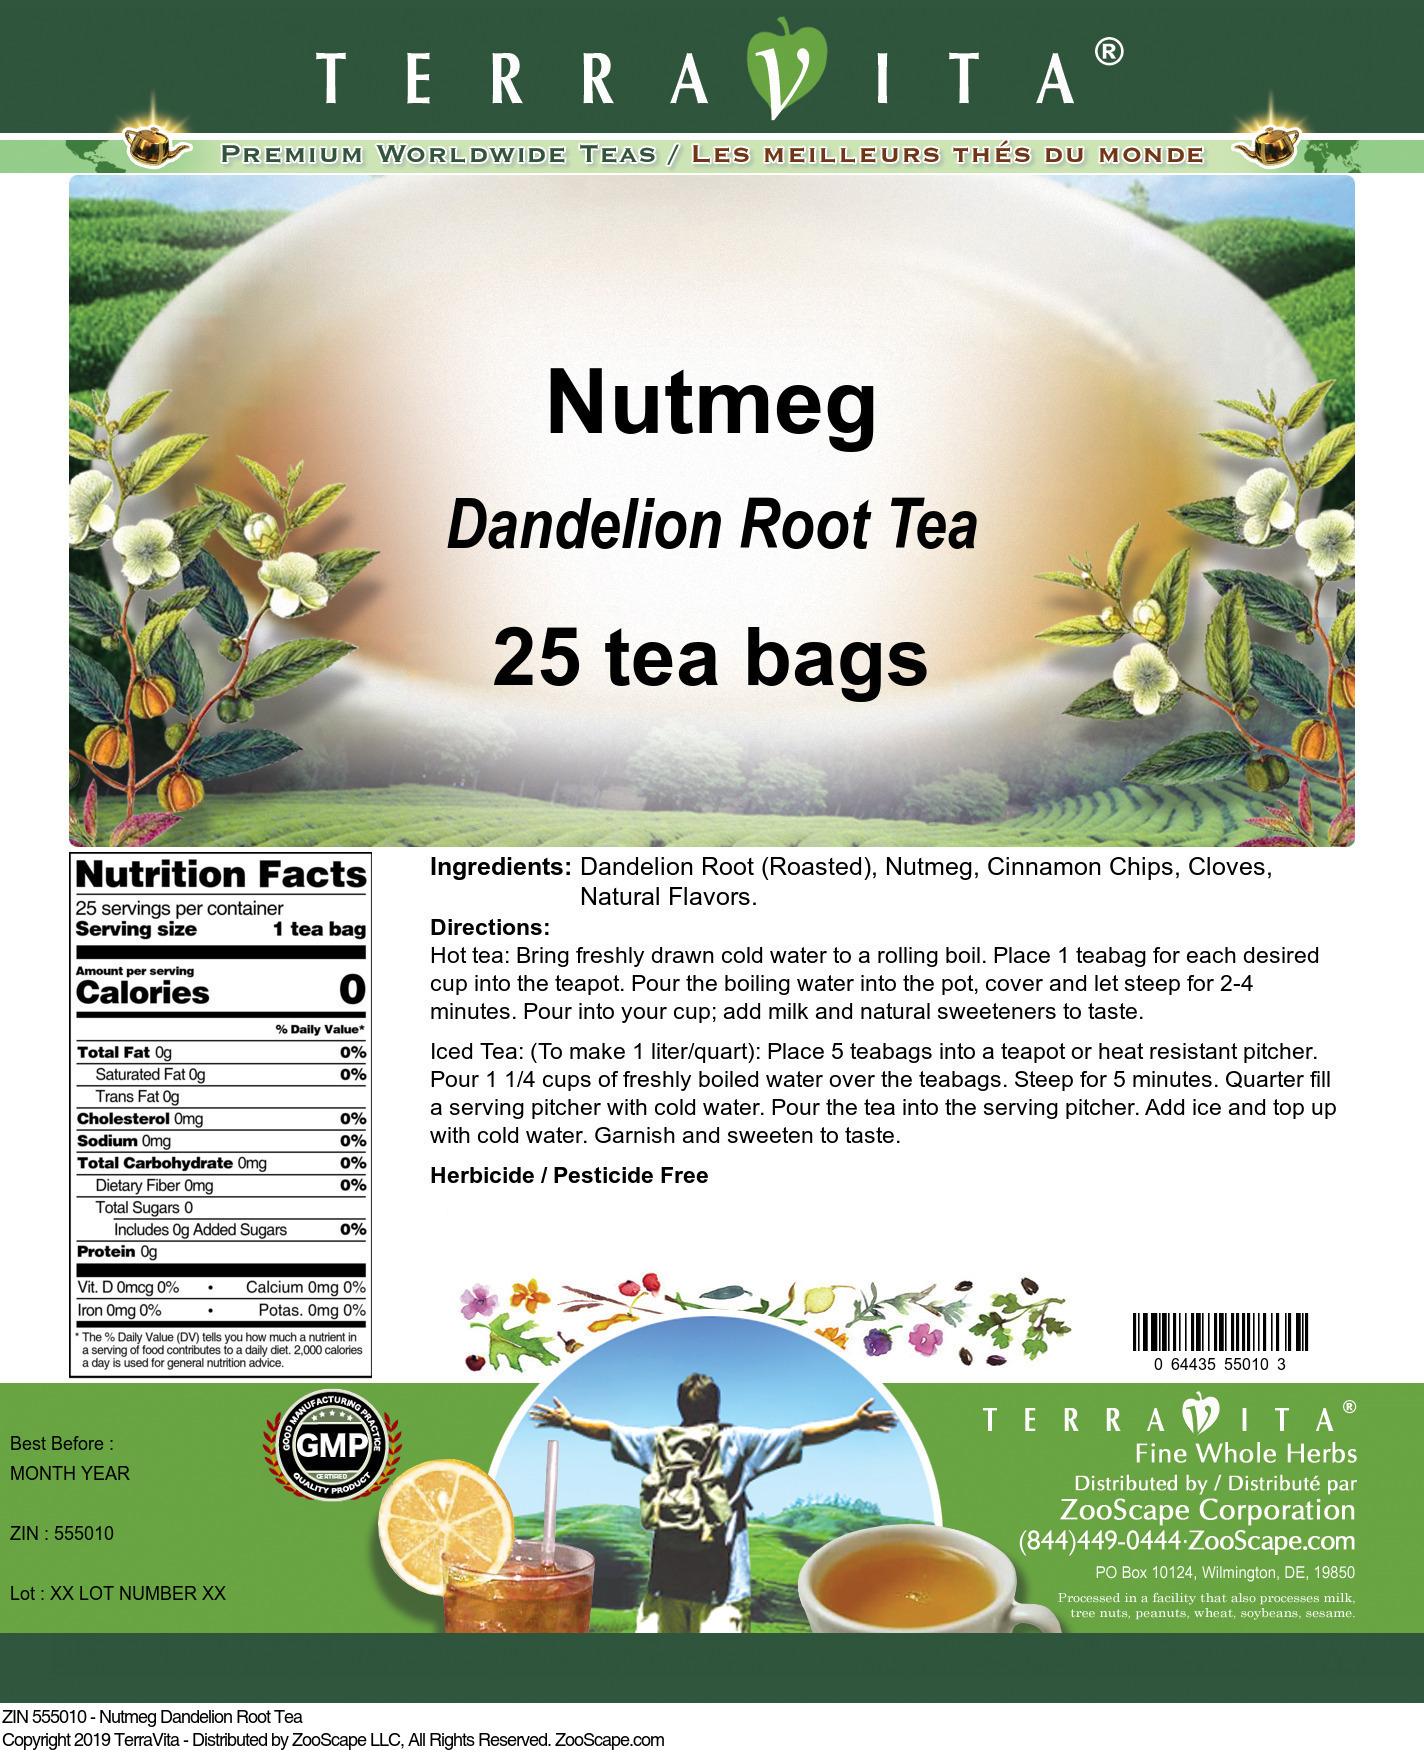 Nutmeg Dandelion Root